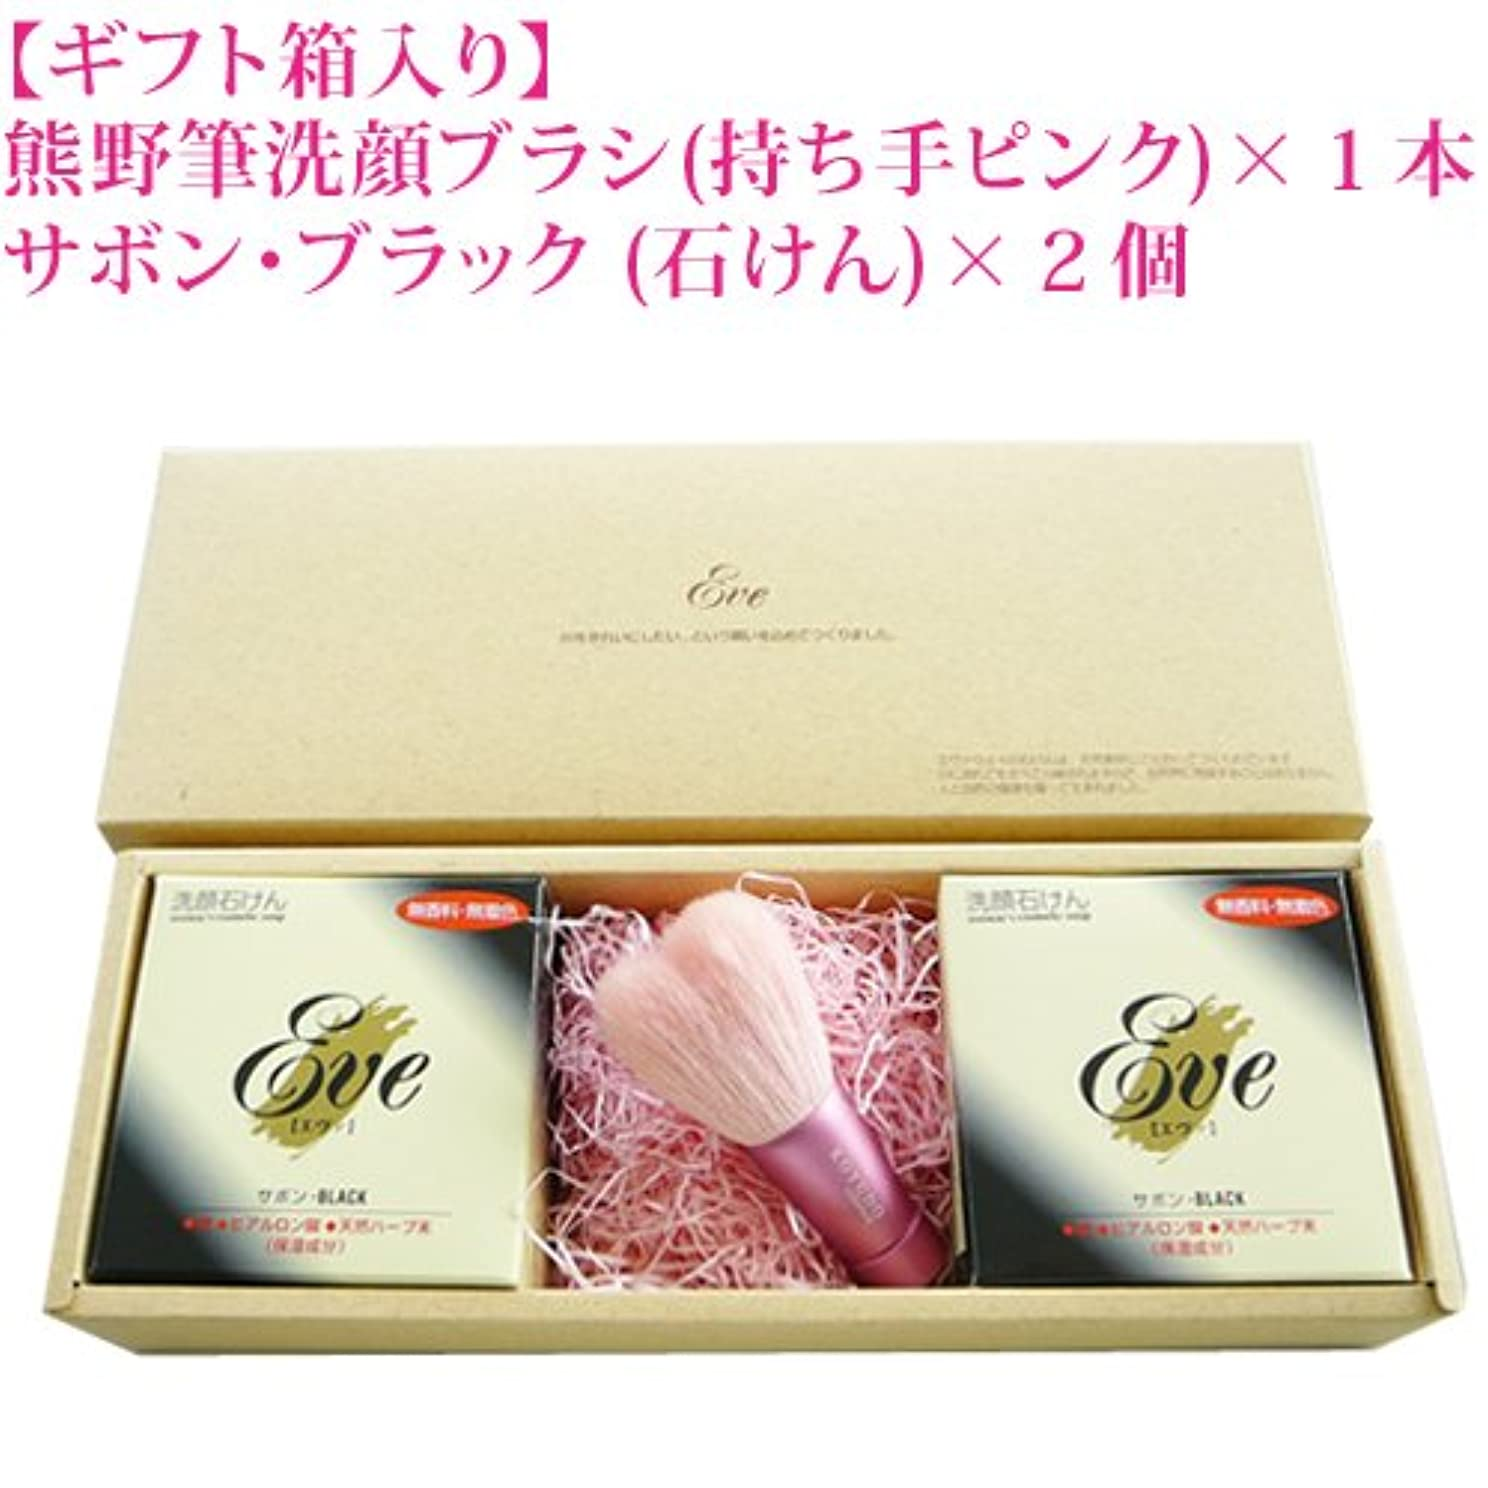 熊野化粧筆 洗顔ブラシ&化粧せっけん セット ピンク